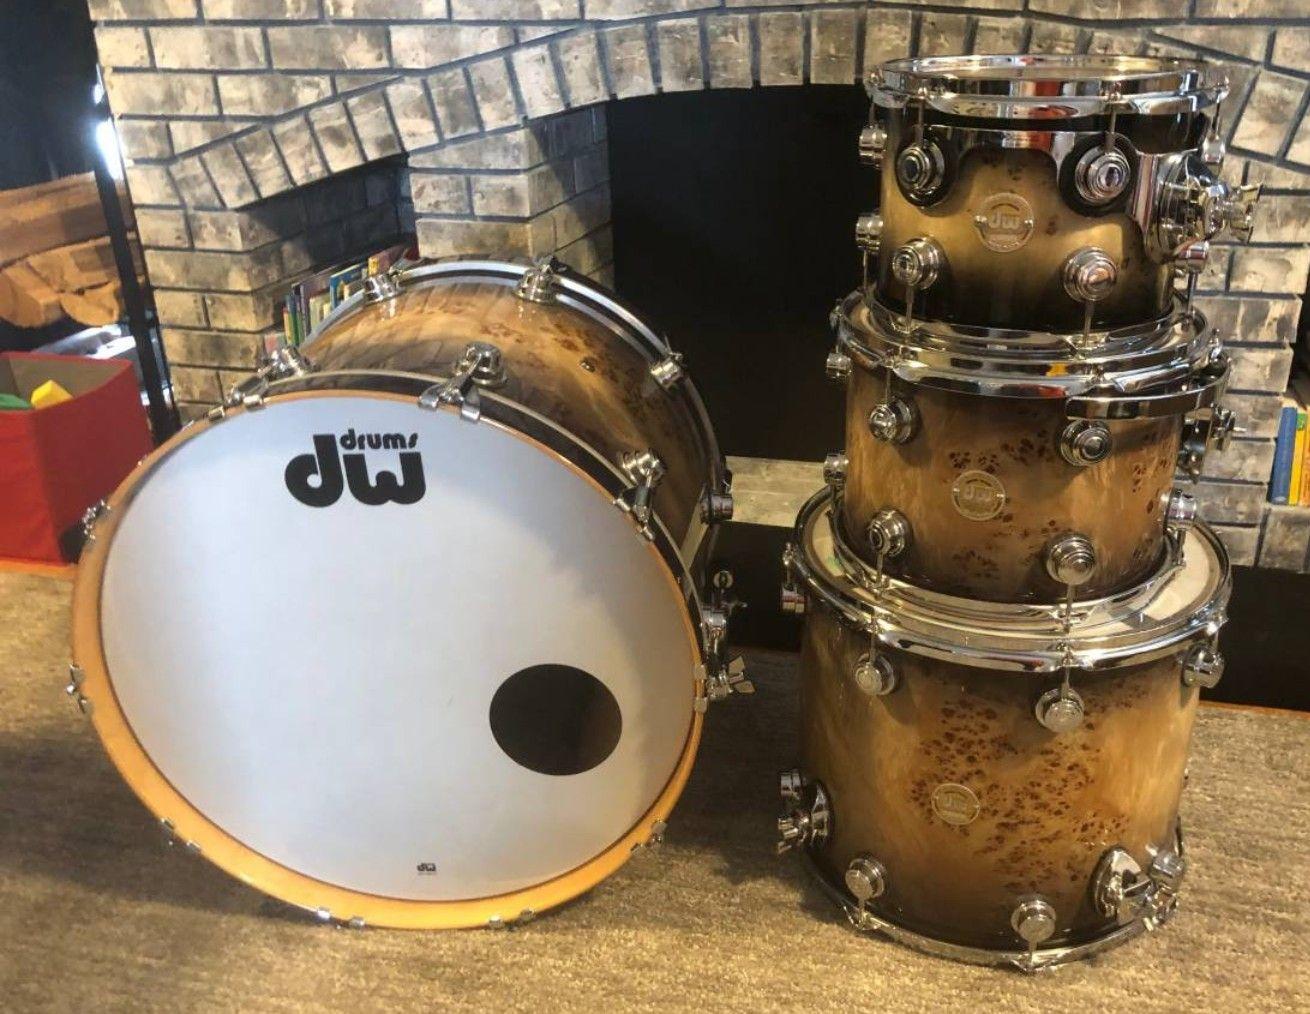 Pin de Terry Nugent em DW Drums